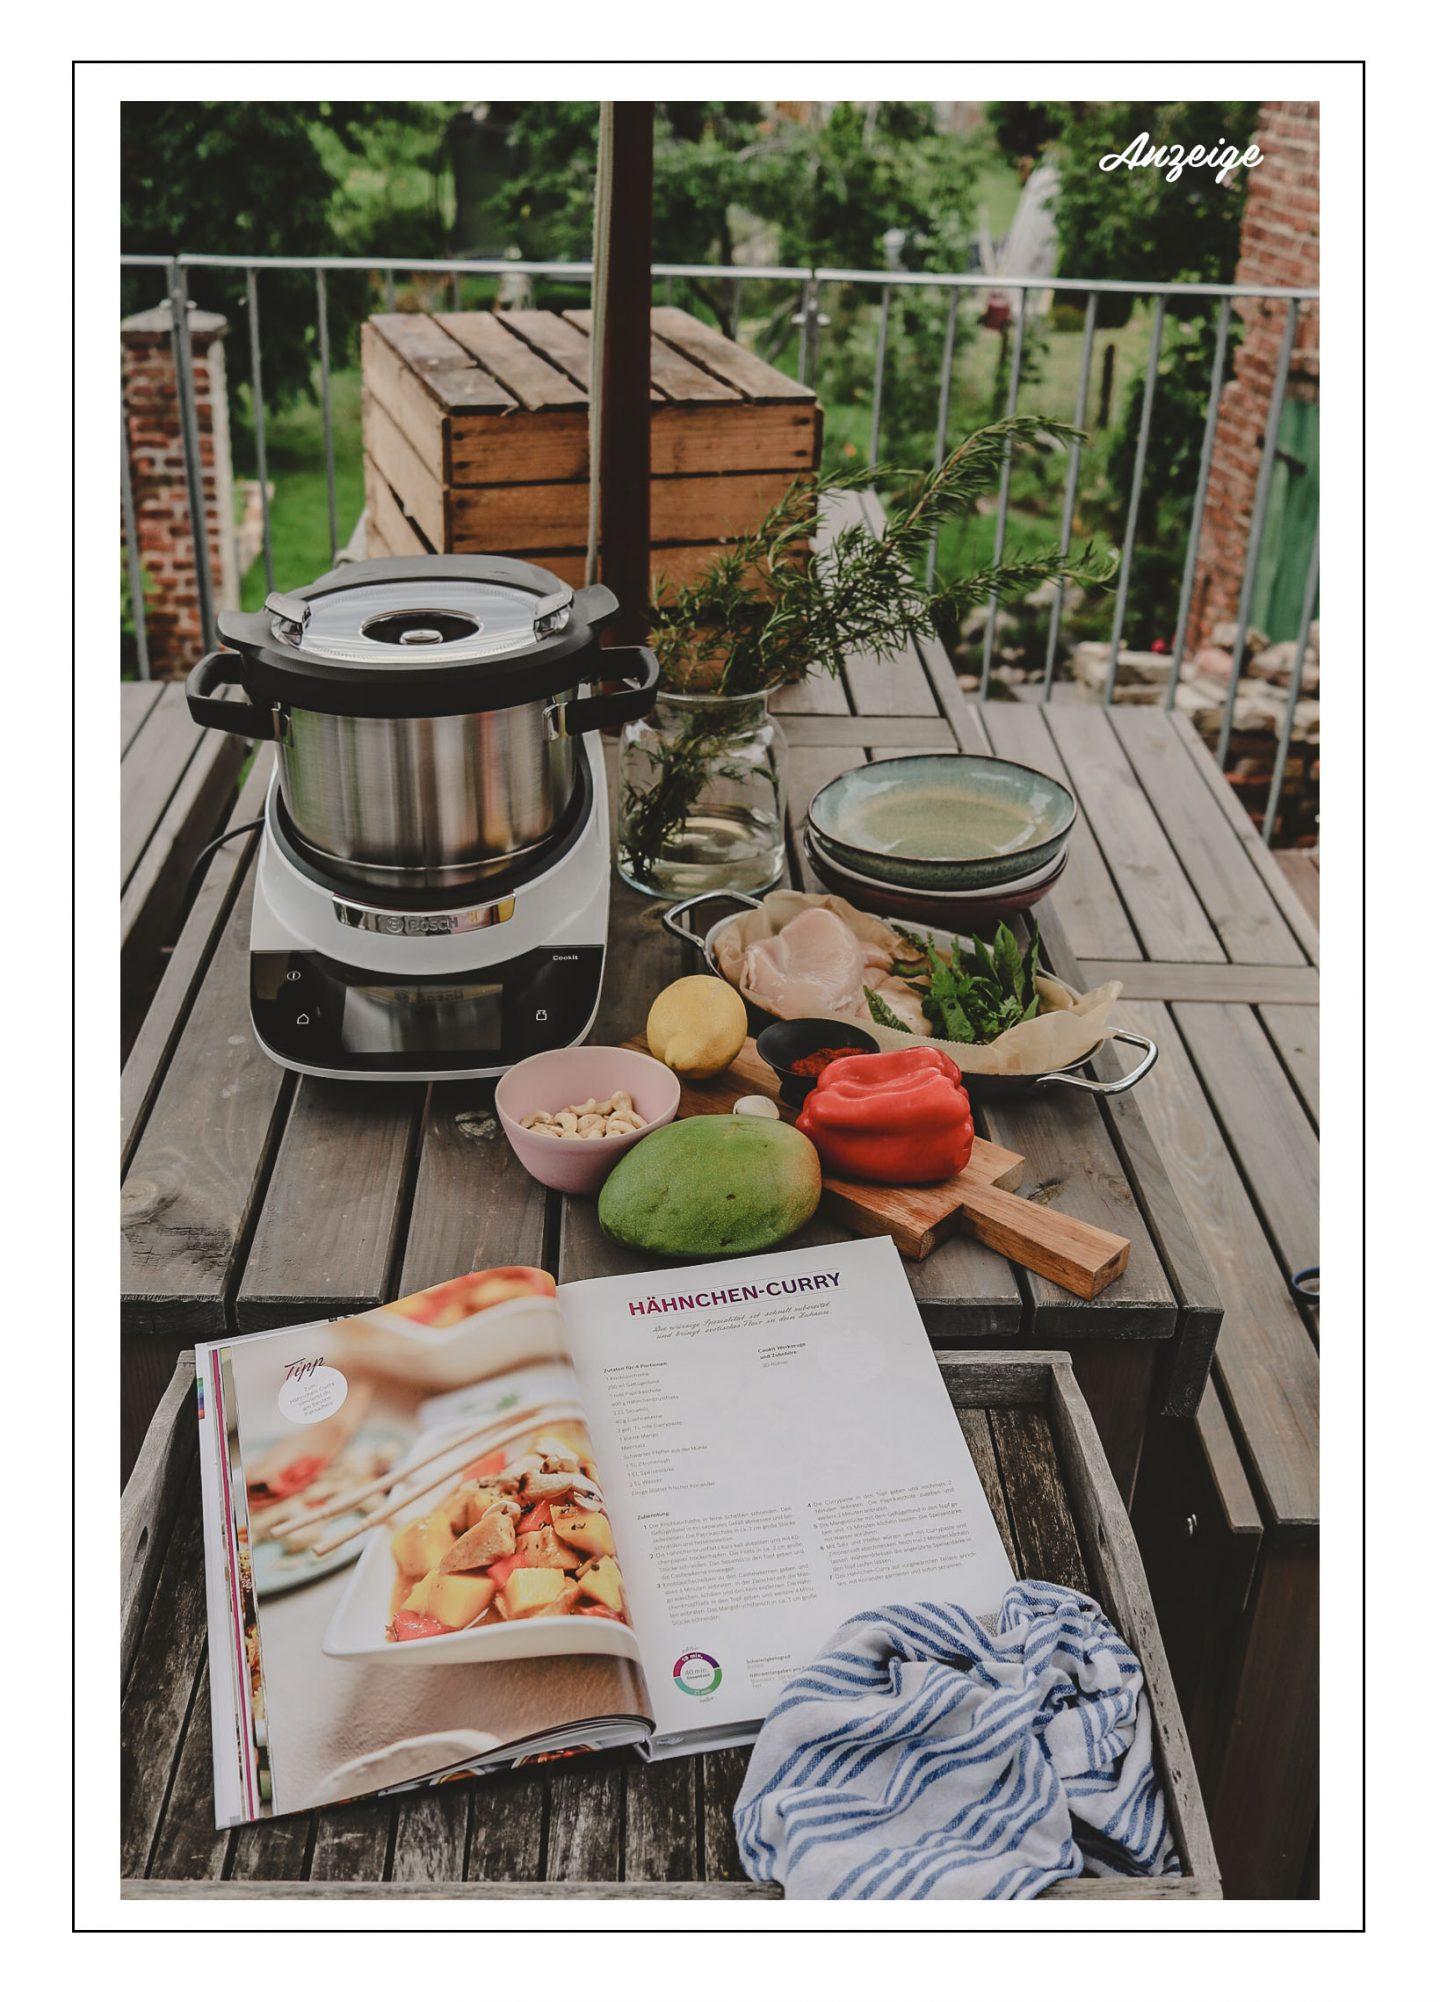 Guided Cooking: Mit dem Bosch Cookit stressfrei, gesund und lecker kochen